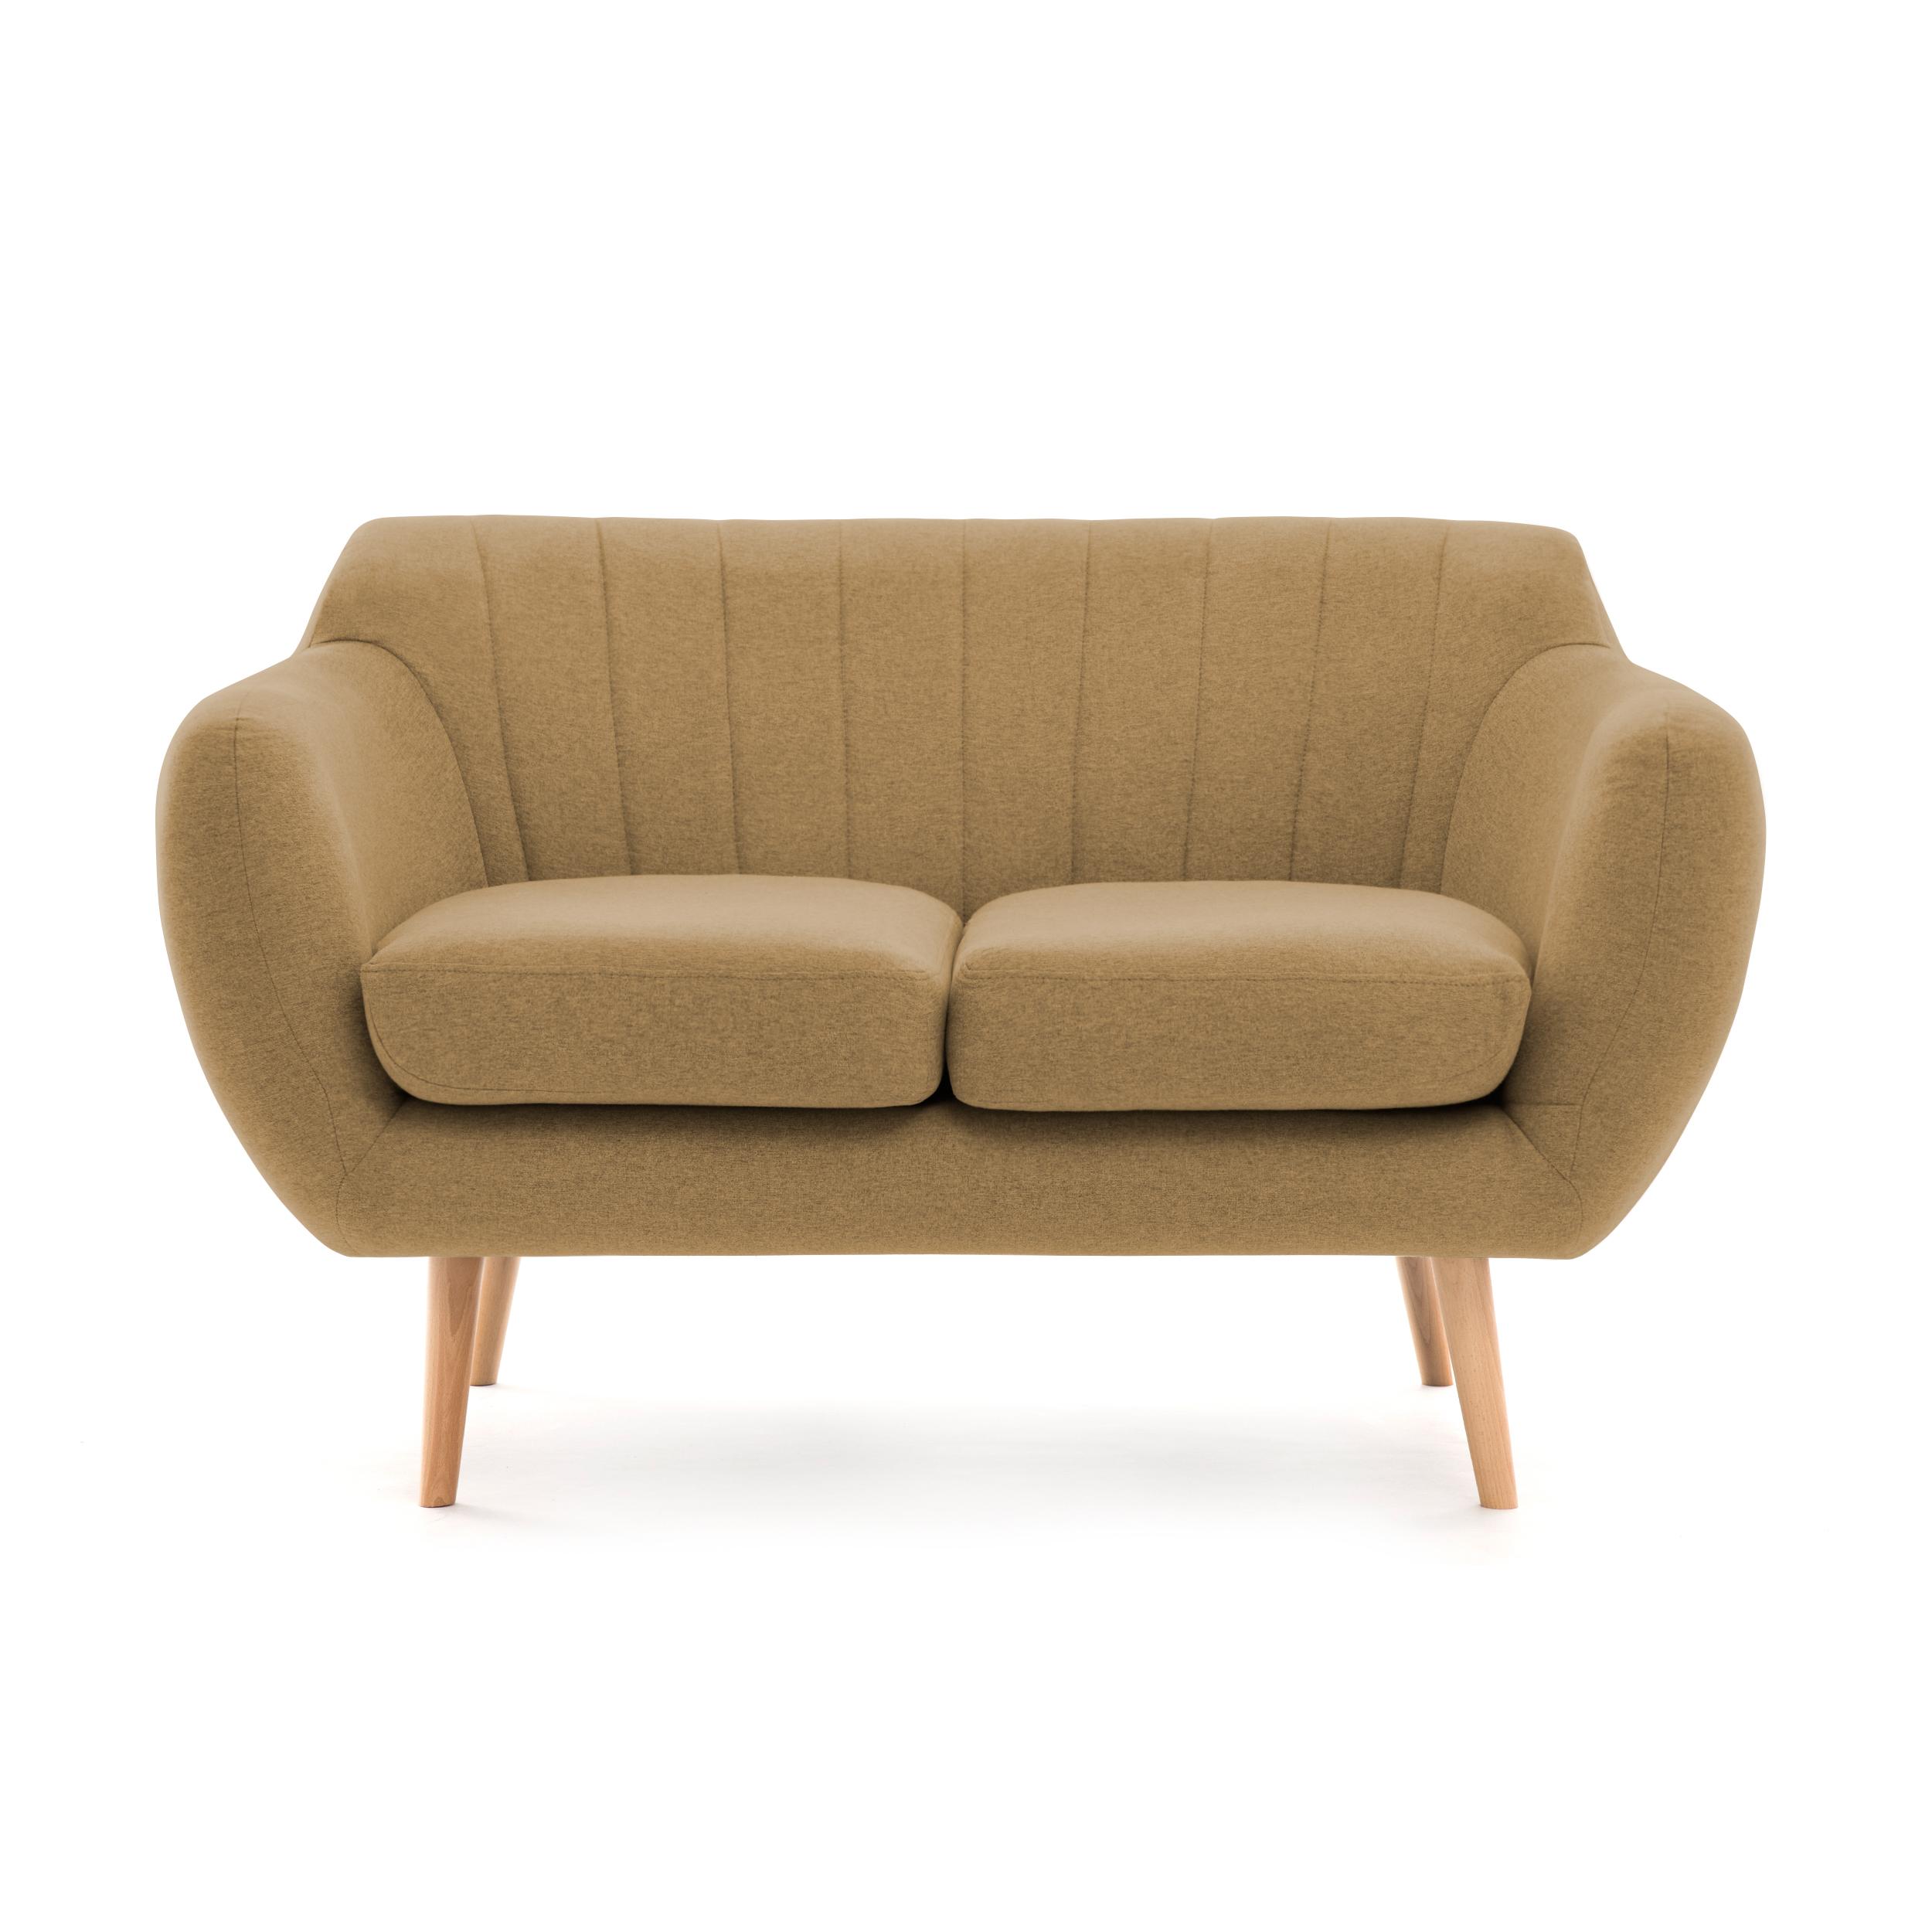 Canapea Fixa 2 locuri Kennet Sand